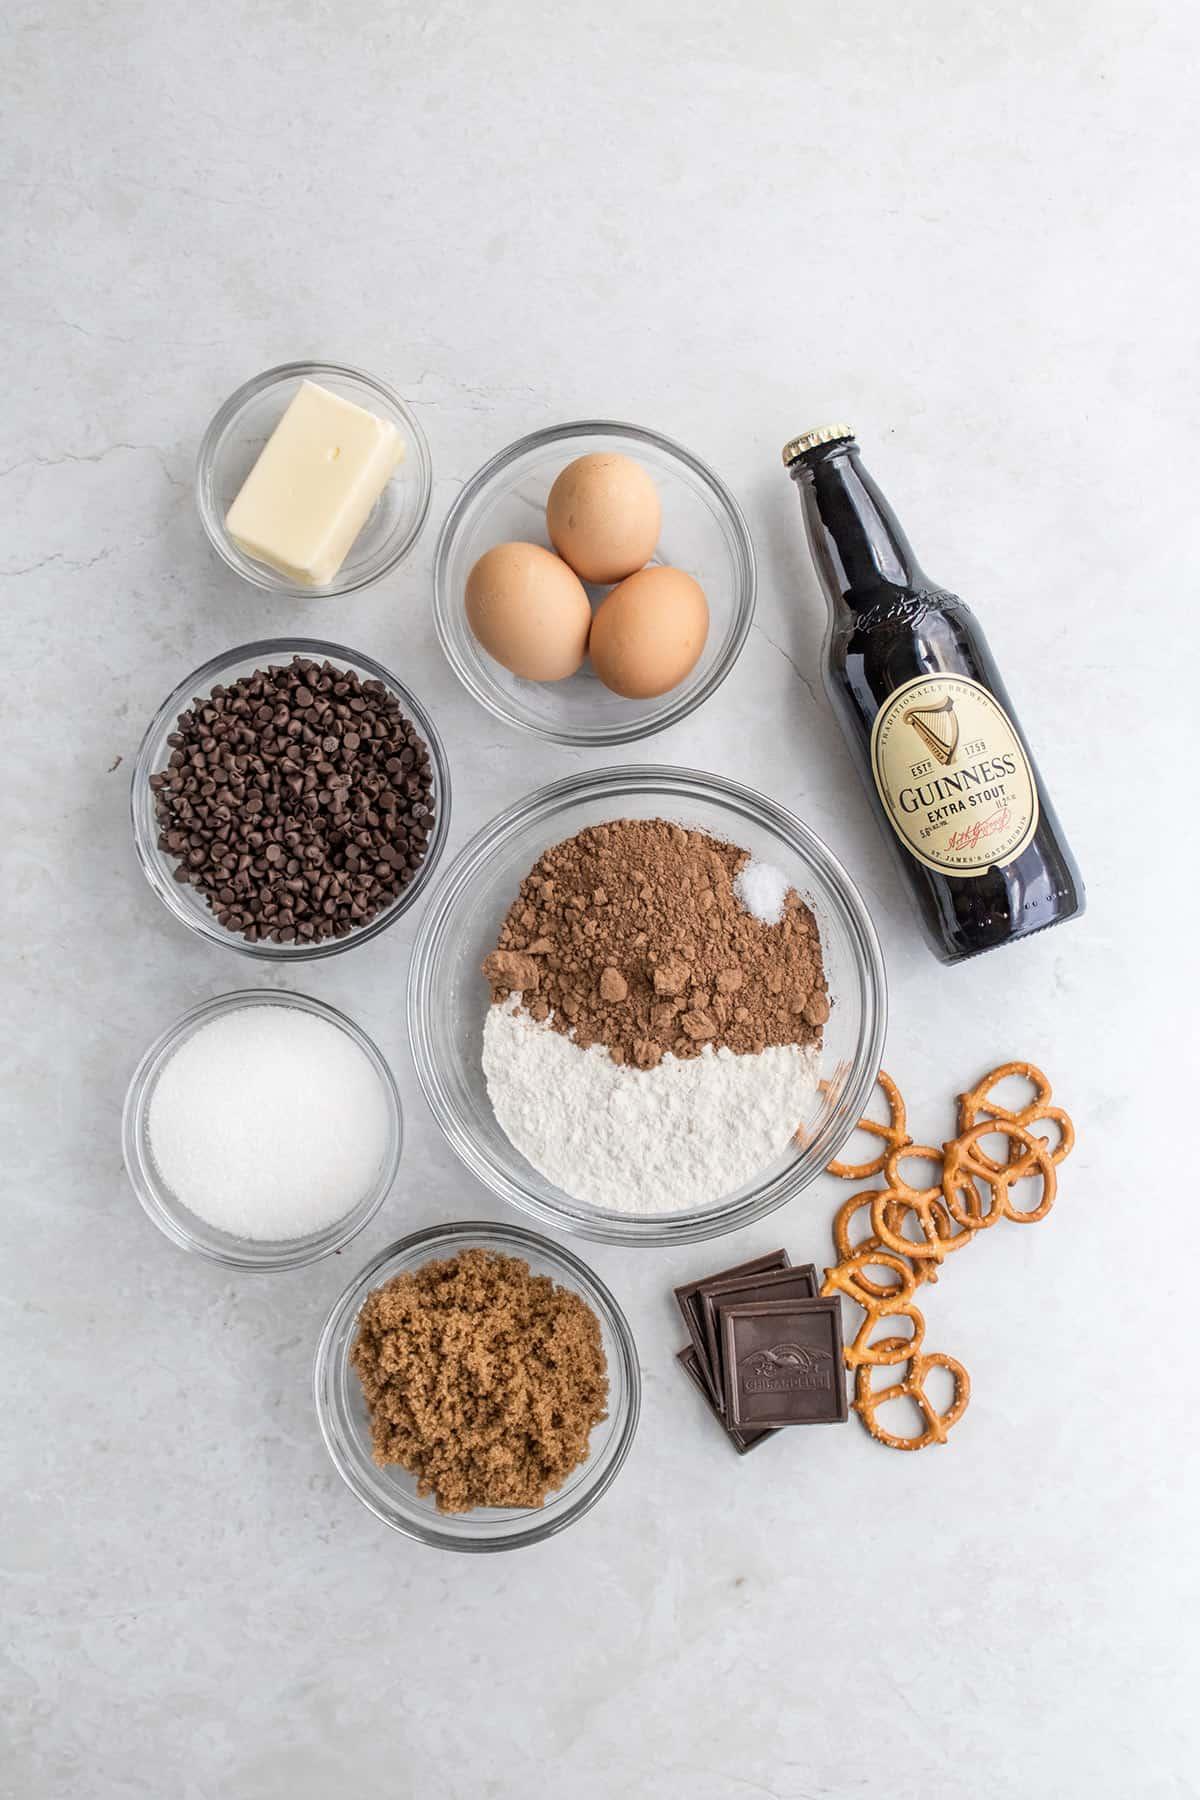 Guinness brownies ingredients